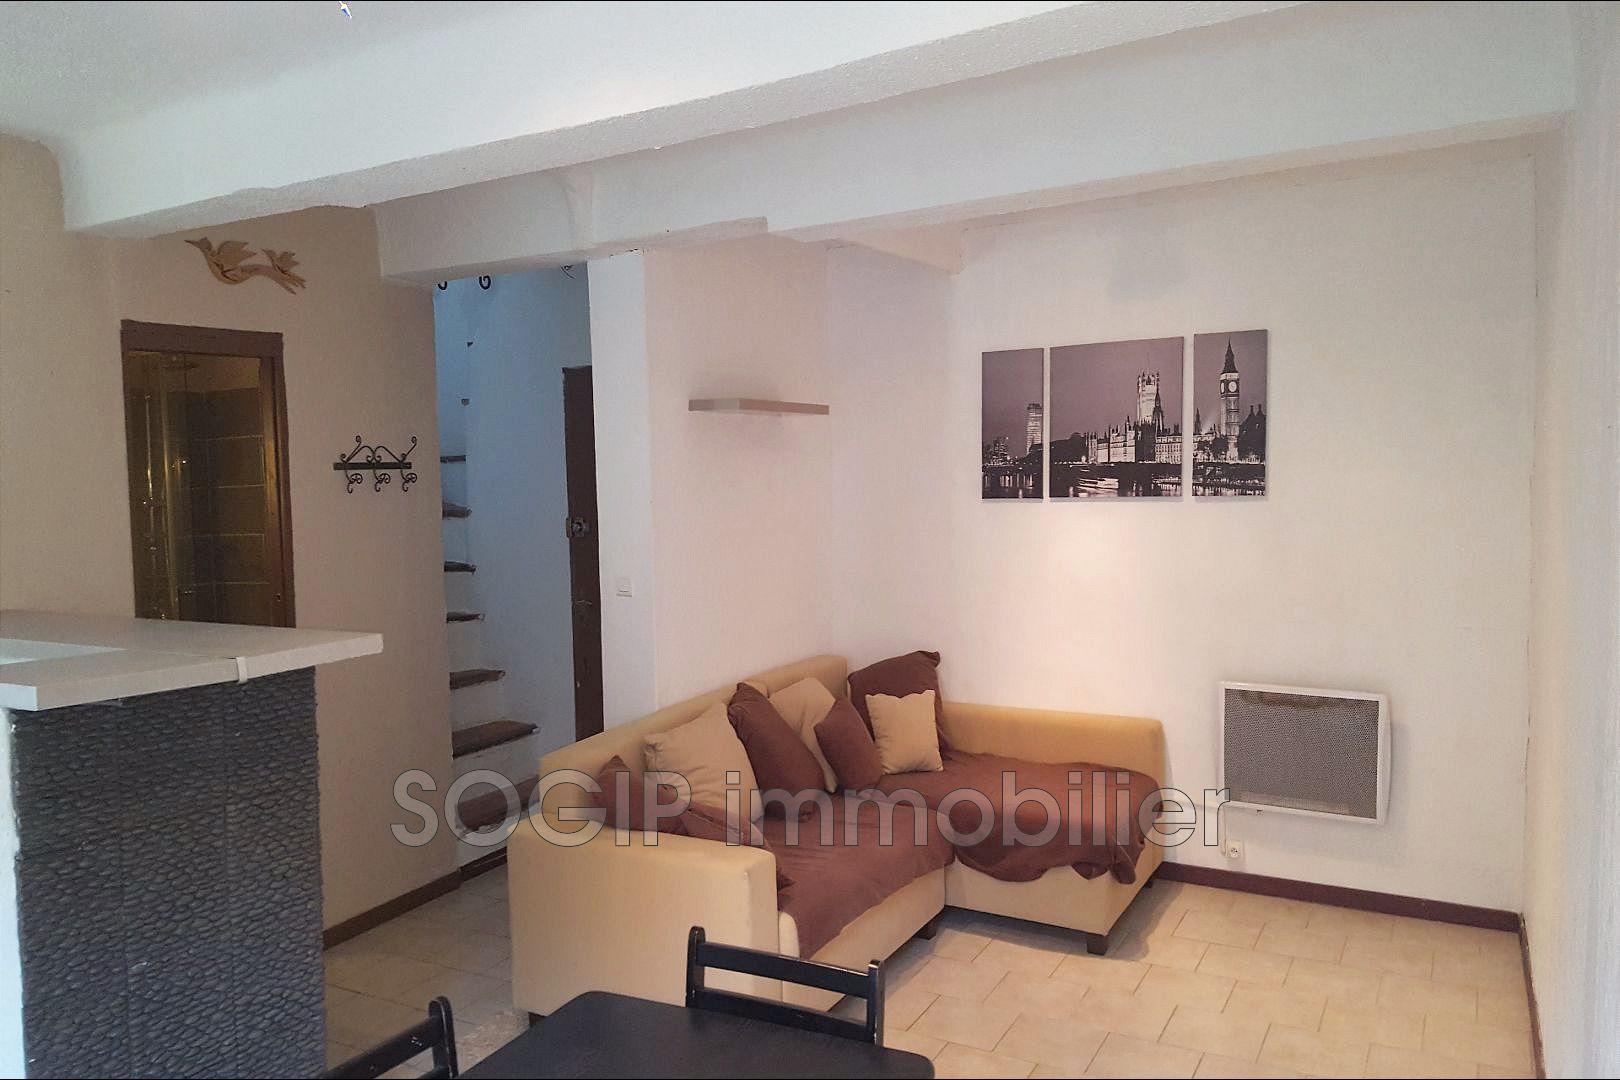 Vente appartement duplex flayosc 83780 99 000 for Appartement duplex